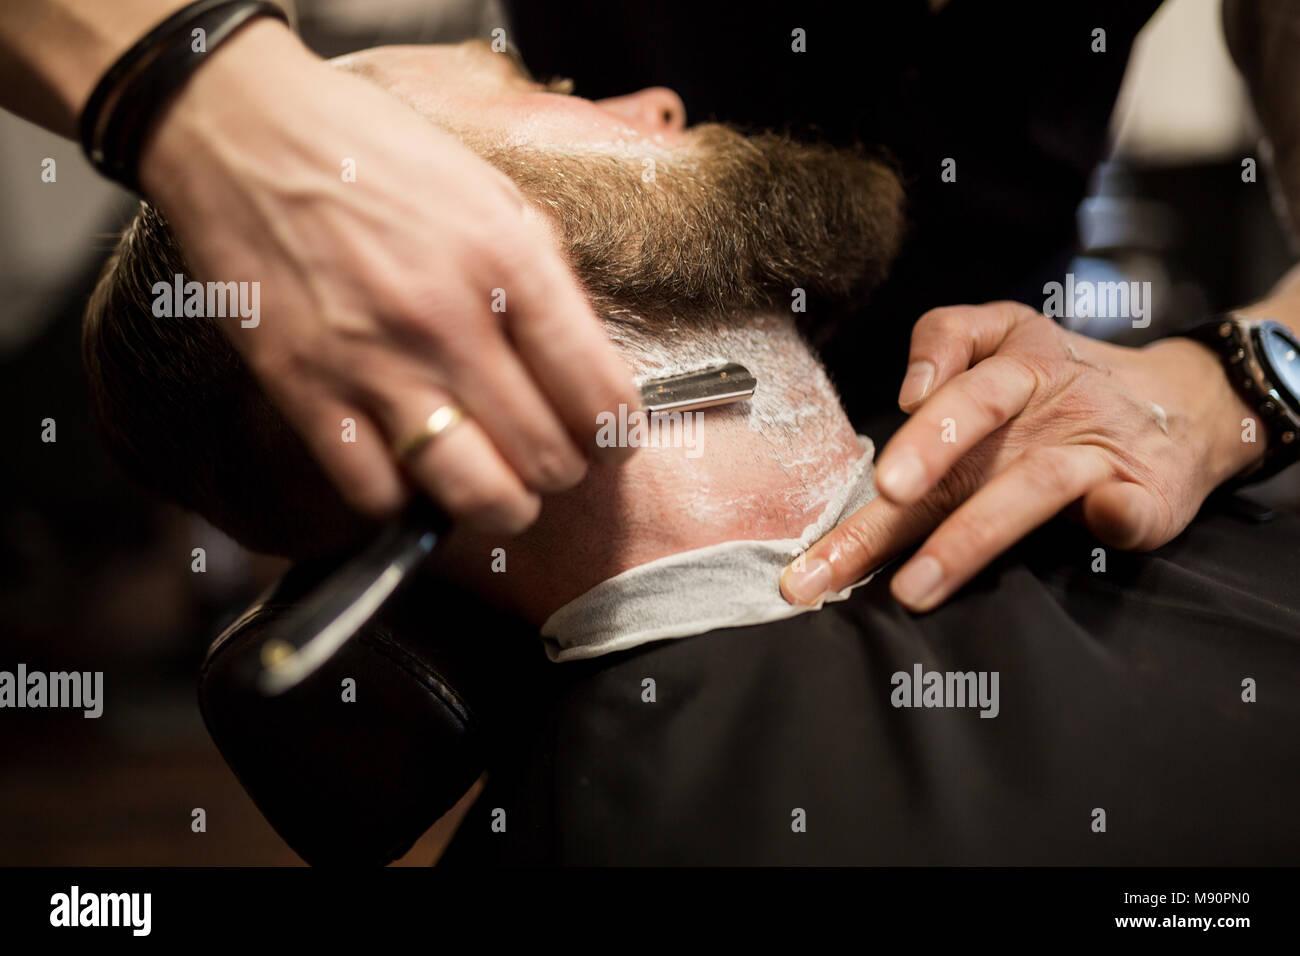 Retrato del hombre barbado siendo afeitado con maquinilla de afeitar Foto de stock